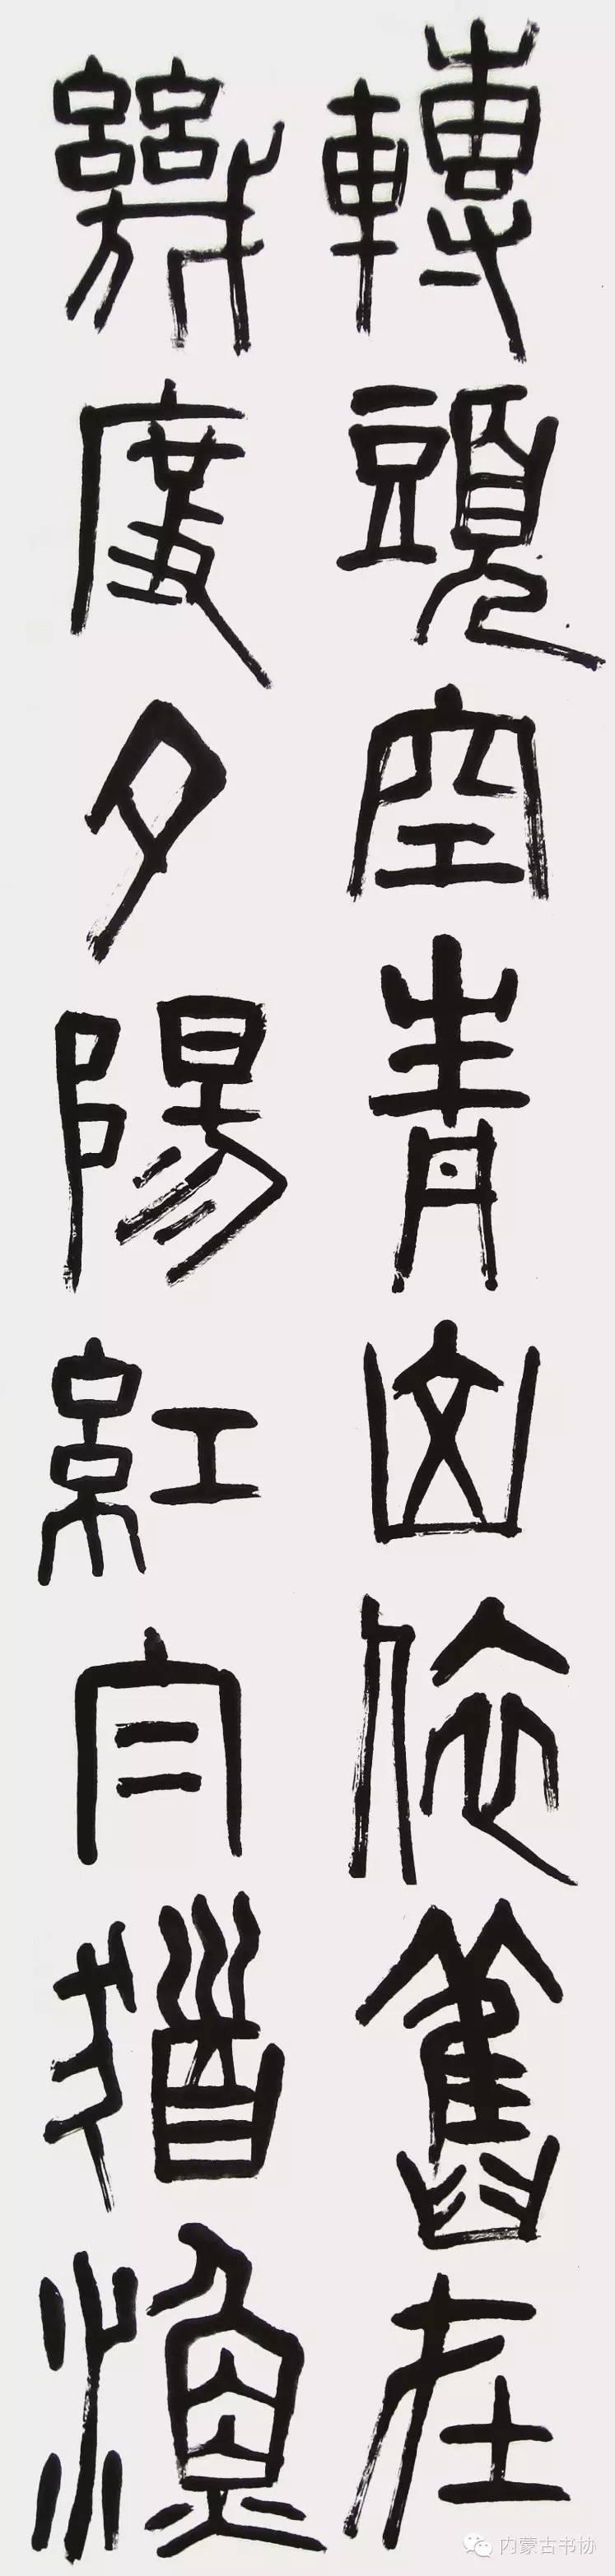 书家风采|内蒙古书法家协会书家推荐系列之杨鲁安书法艺术赏析